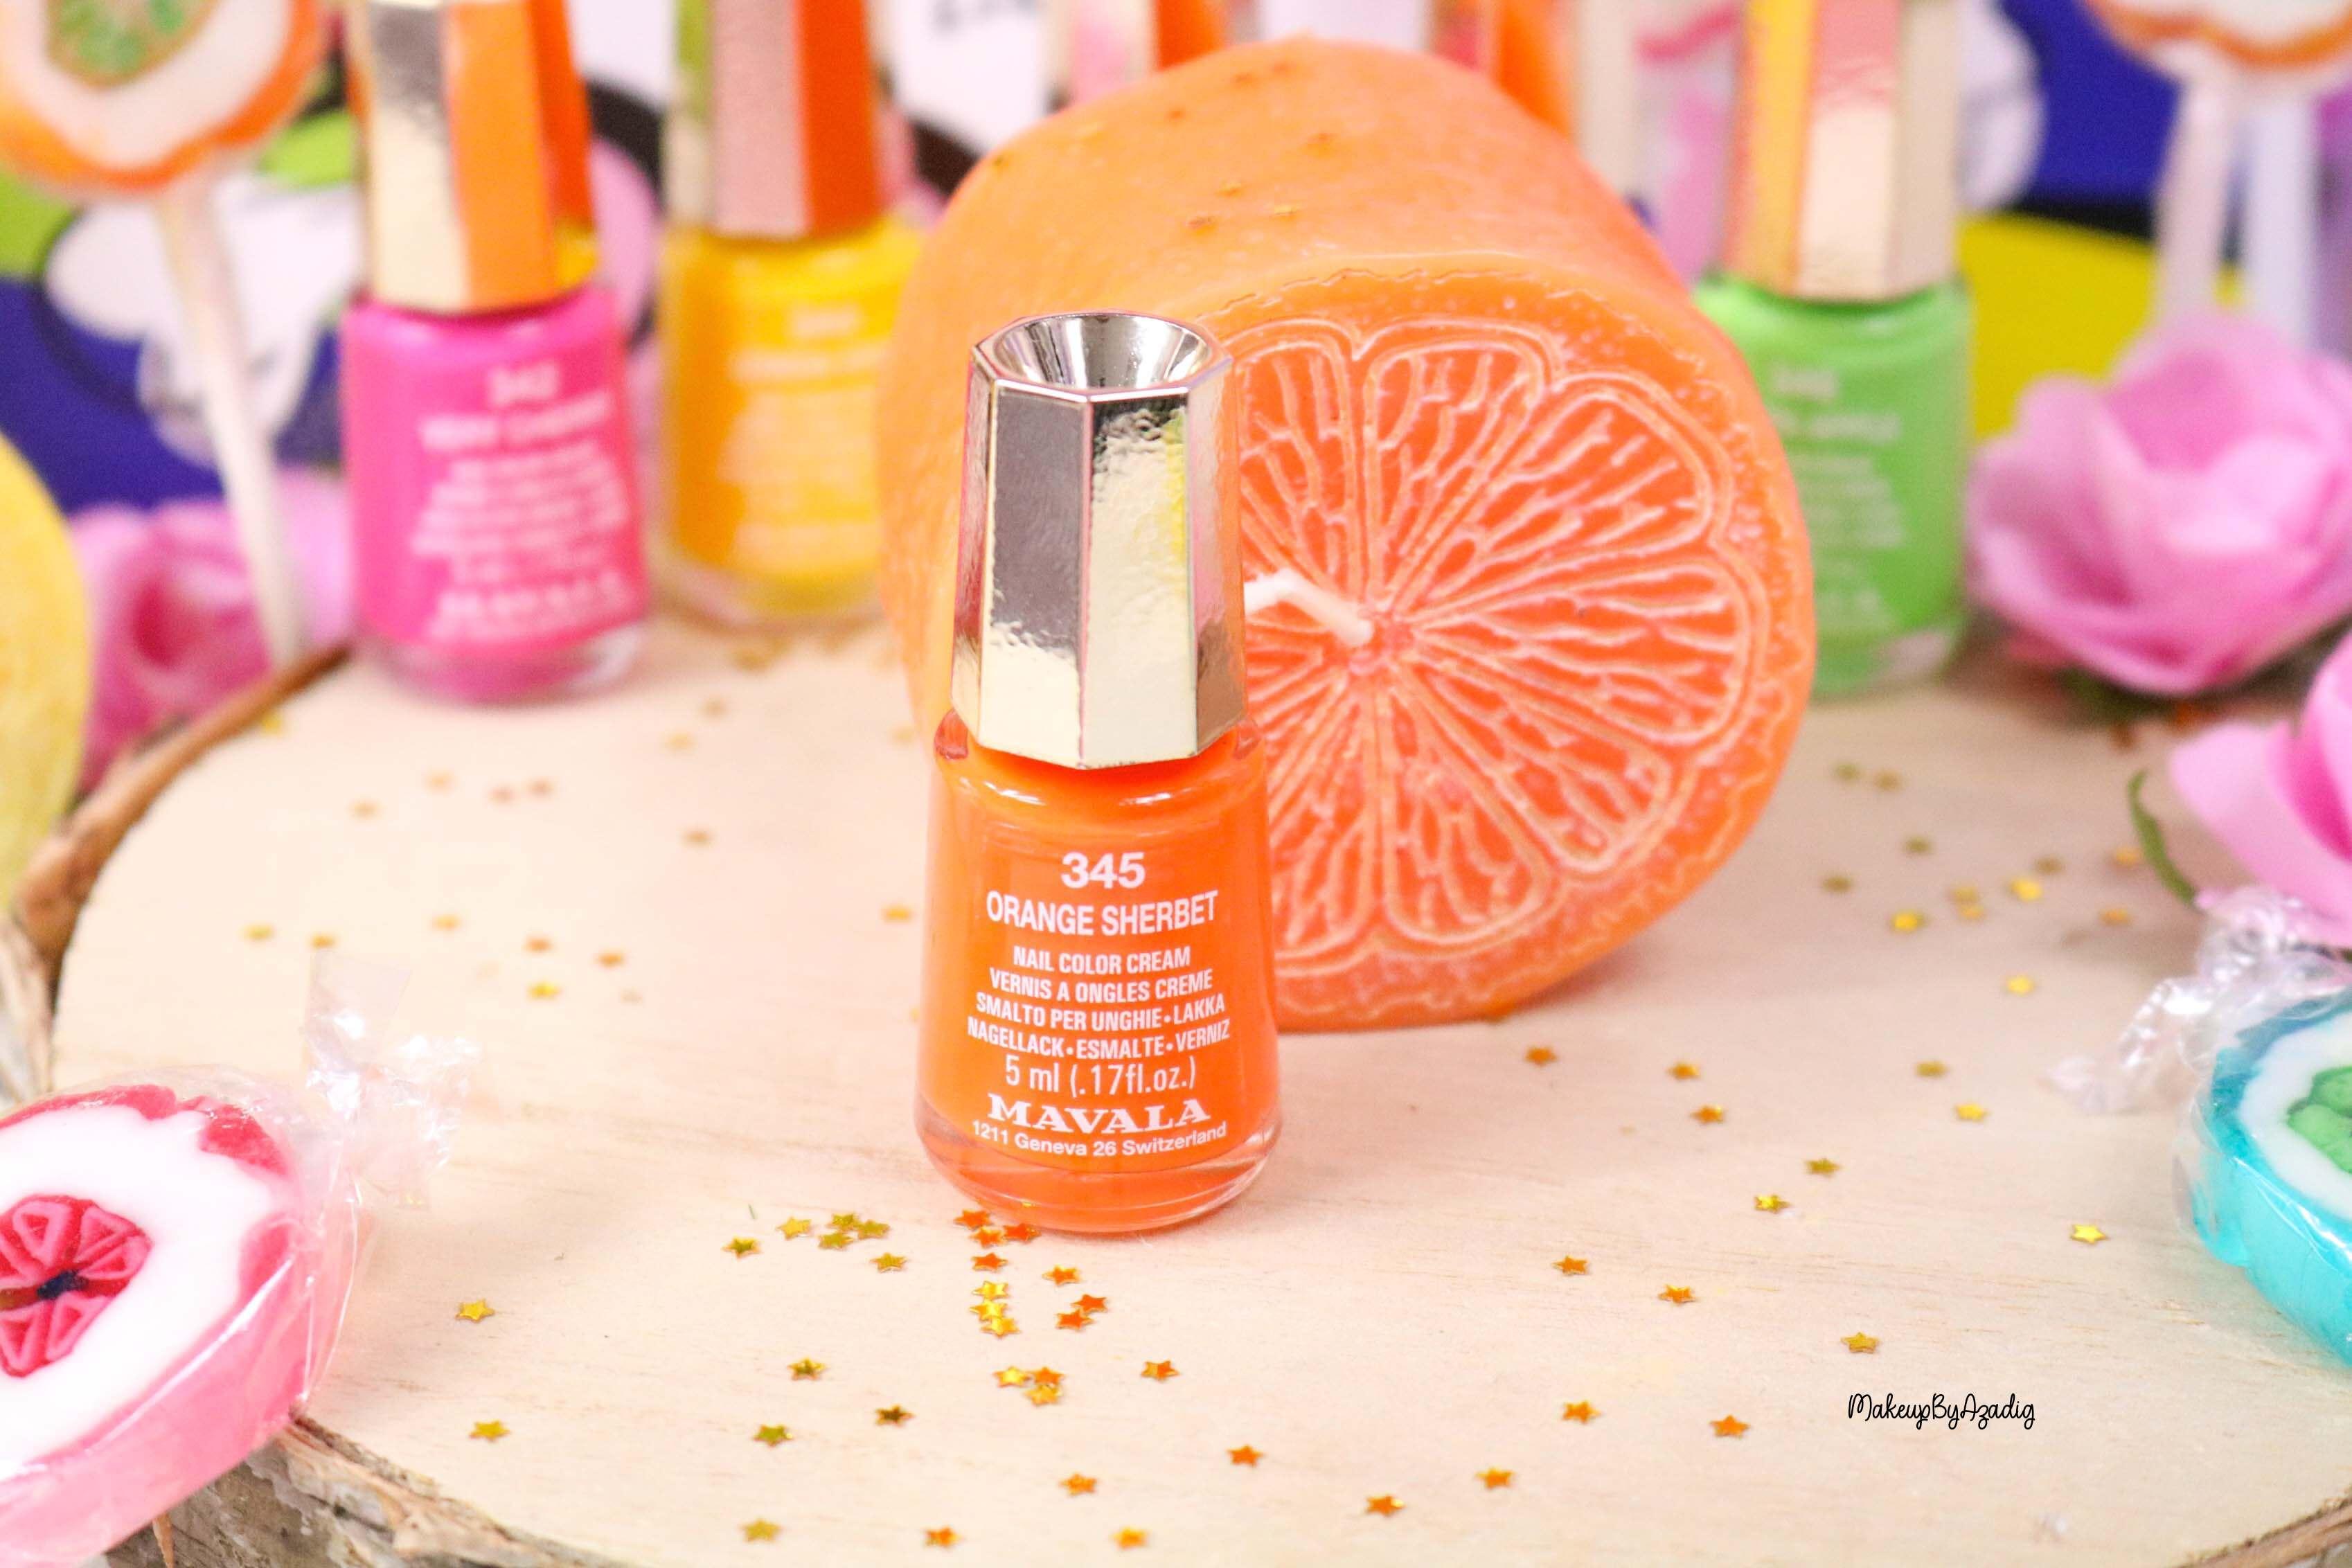 nouvelle-collection-vernis-tendance-printemps-ete-mavala-pas-cher-makeupbyazadig-avis-prix-monoprix-bubble-gum-orange-sorbet